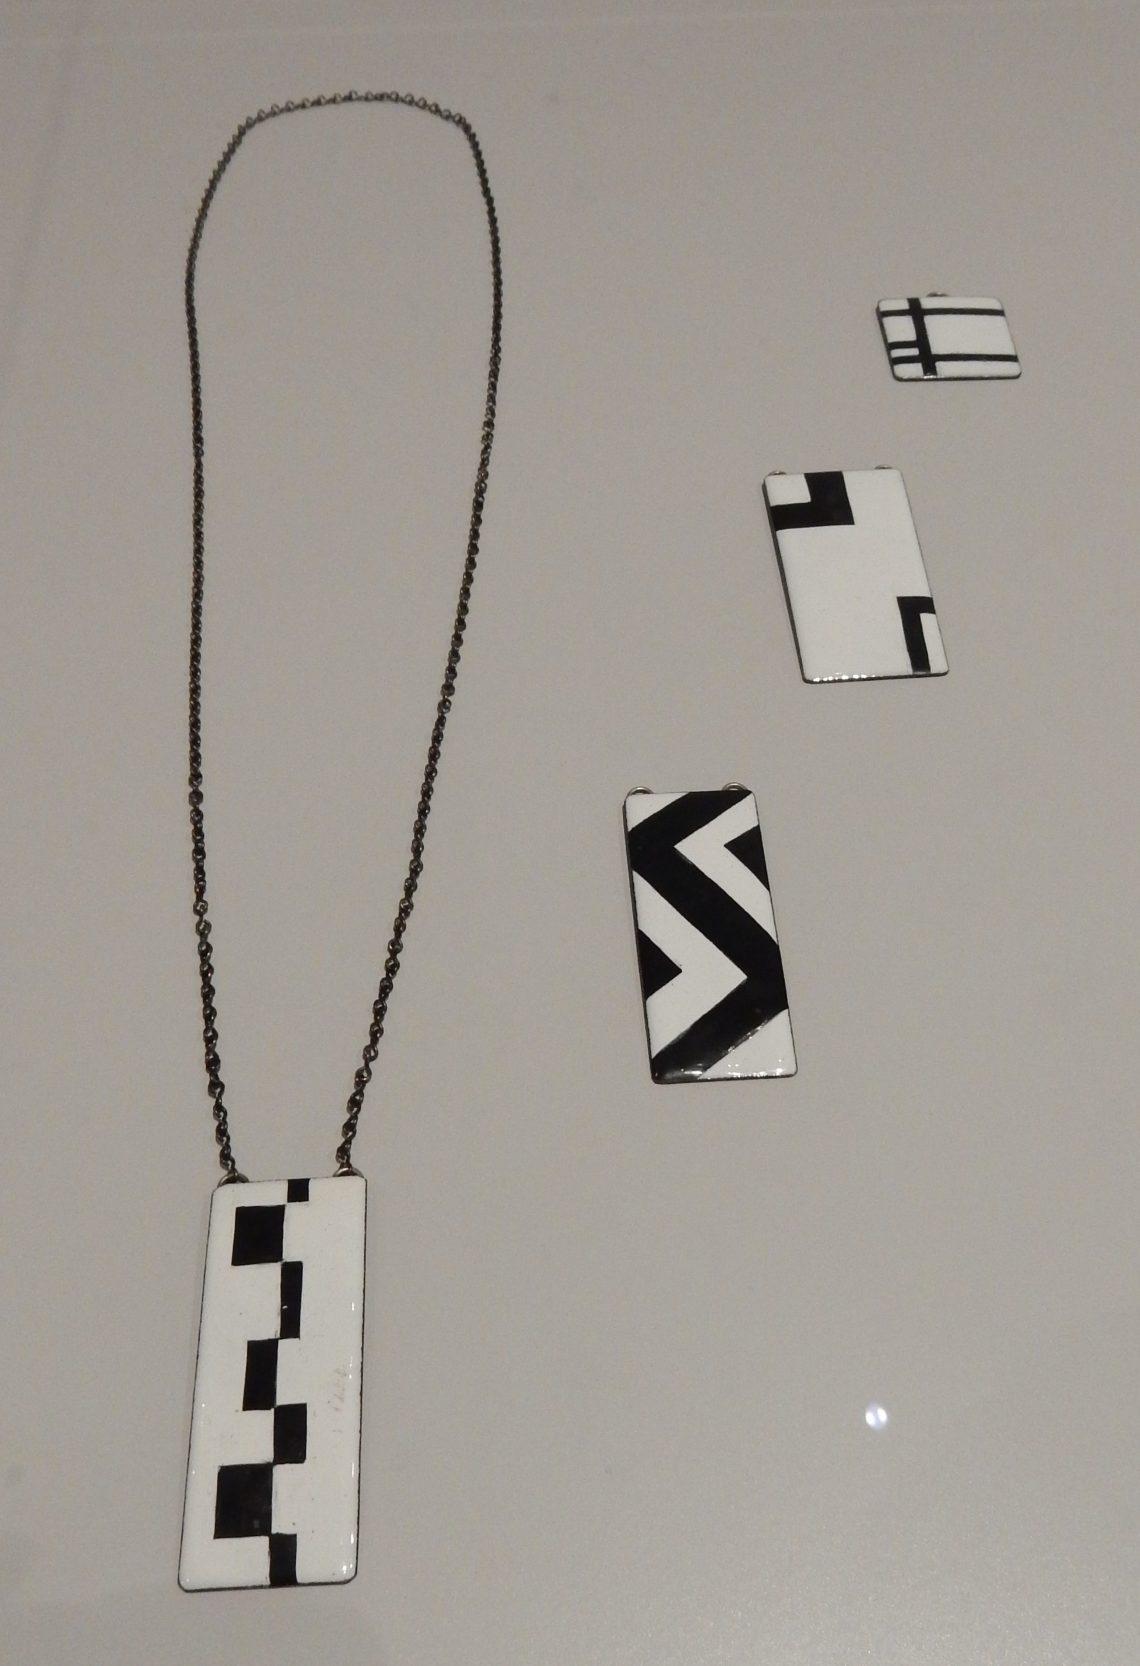 Hans Comis, halssieraad en hangers, circa 1965, BK-2010-2-67, 65, 68, 66. Rijksmuseum, afdeling Tweede helft twintigste eeuw. Foto Esther Doornbusch, november 2018©